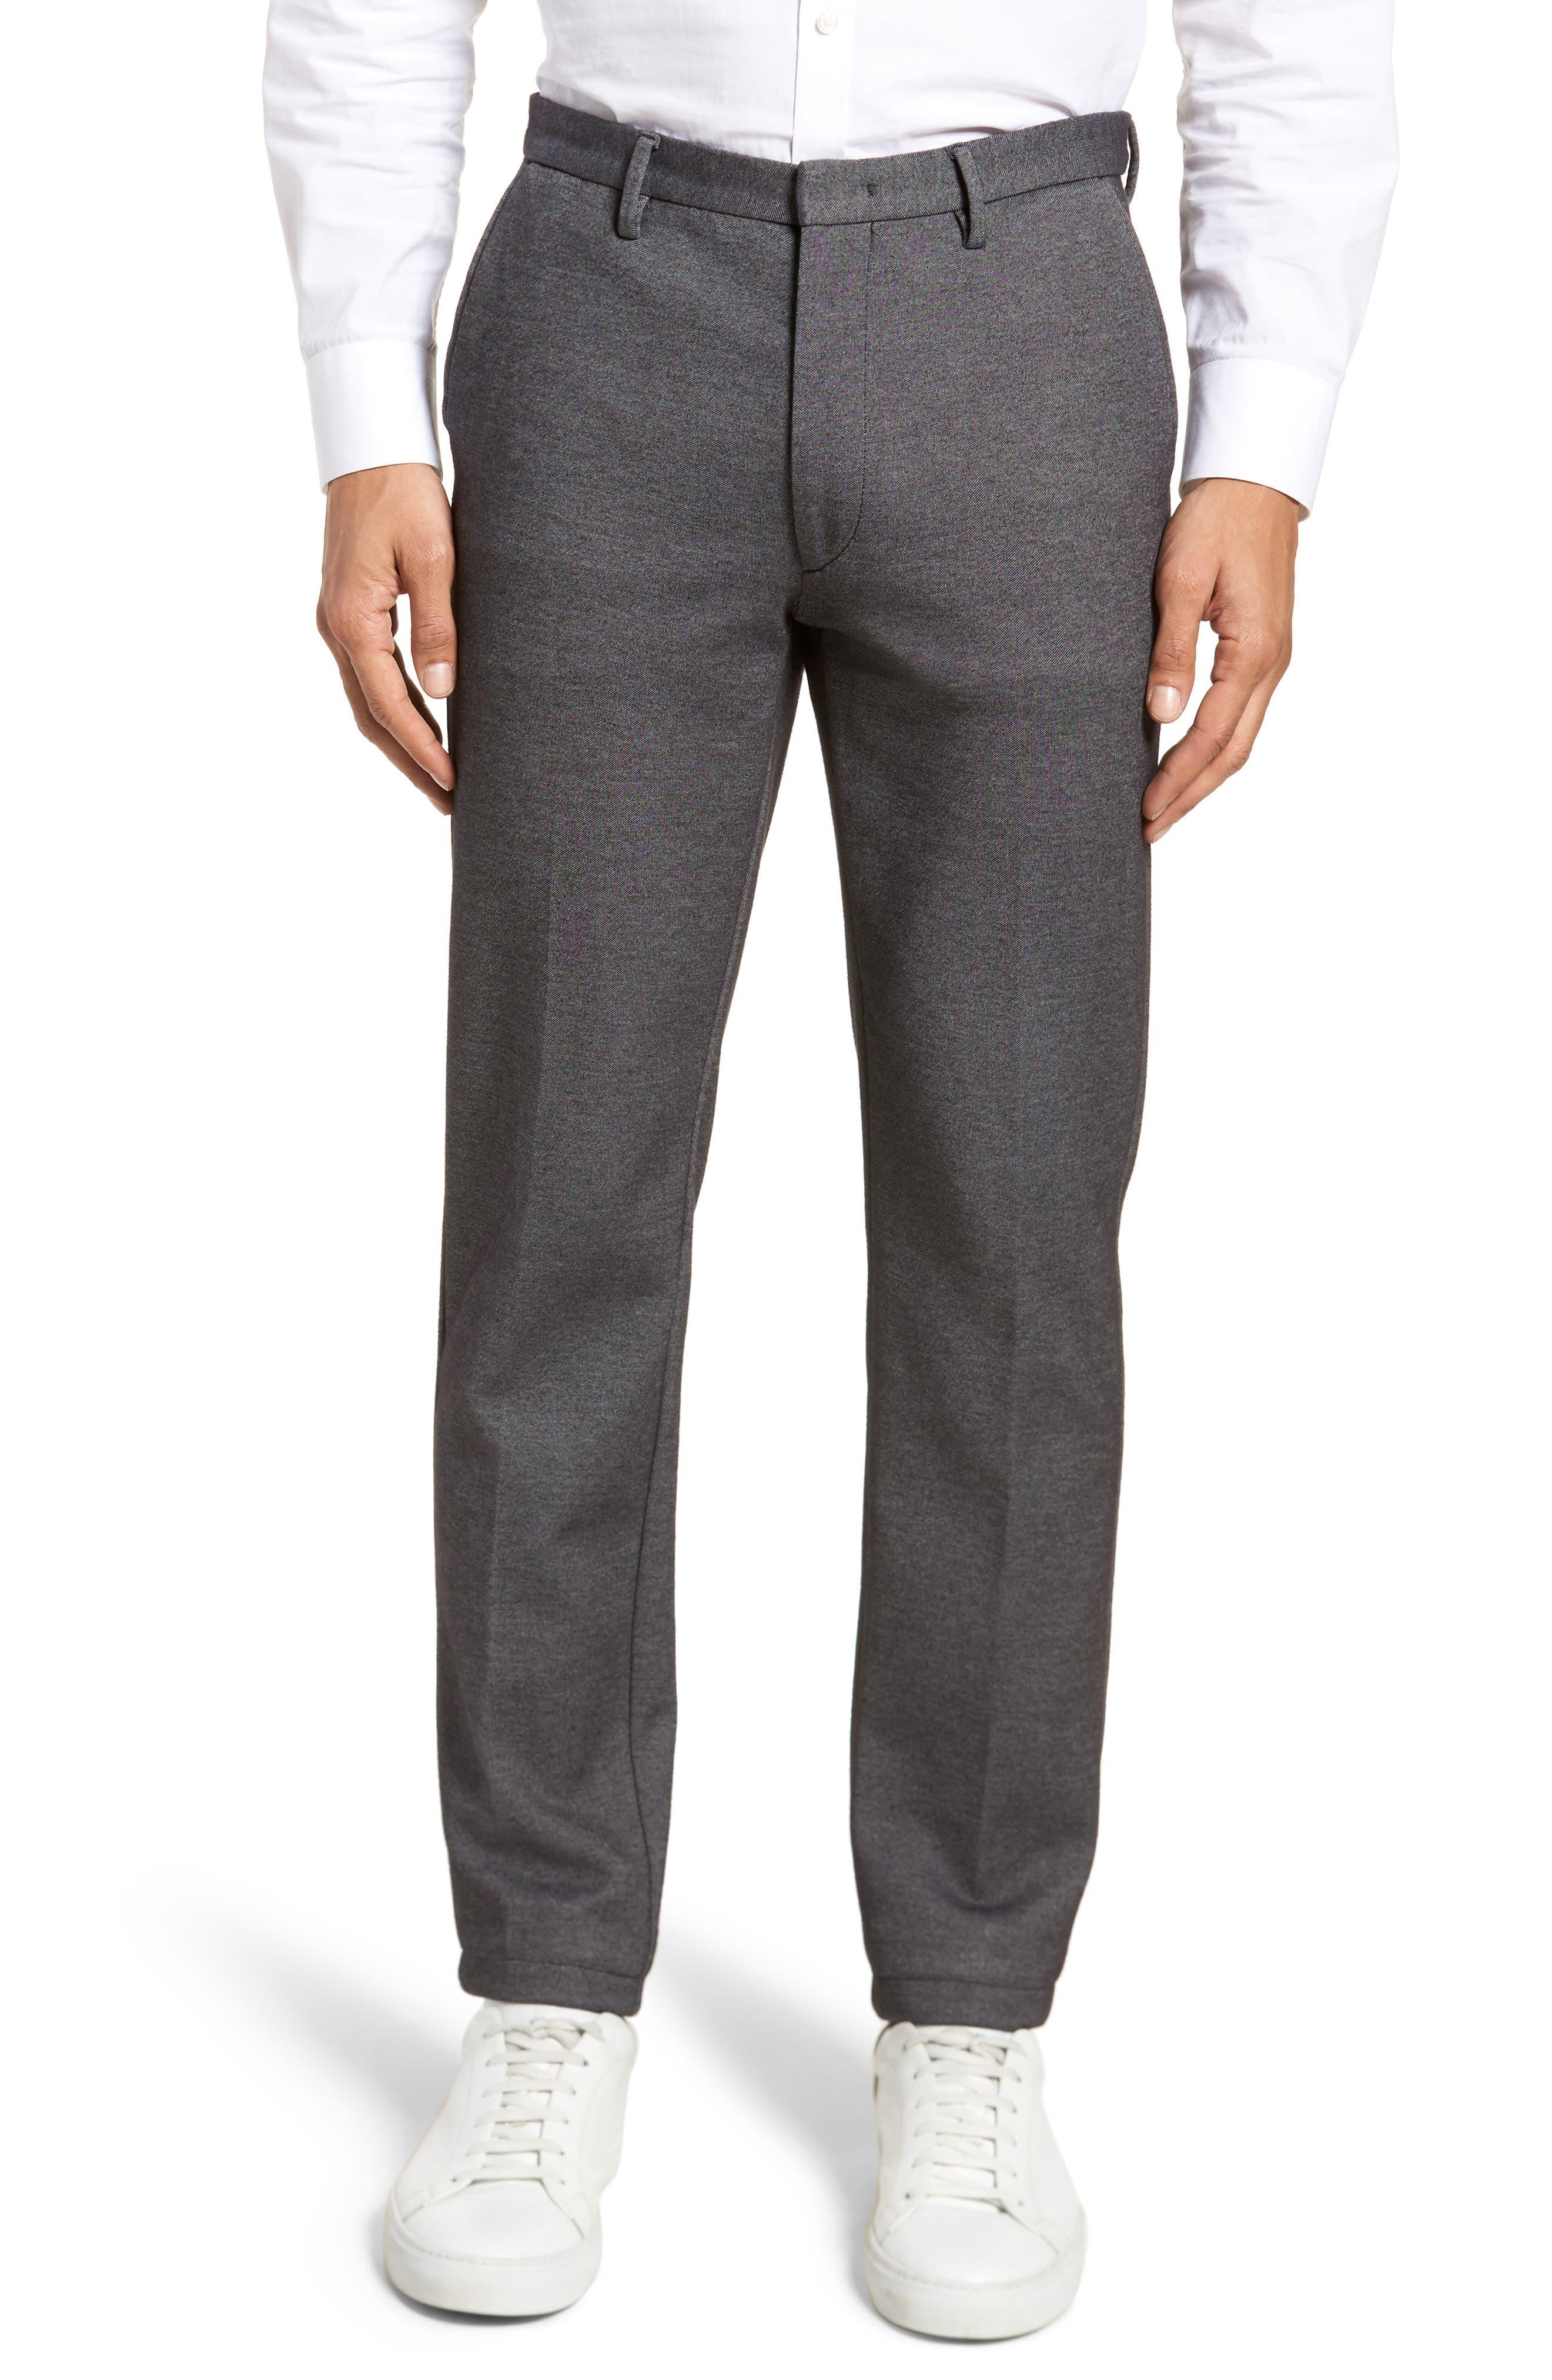 Kaito Melange Cotton Blend Pants,                         Main,                         color, 030